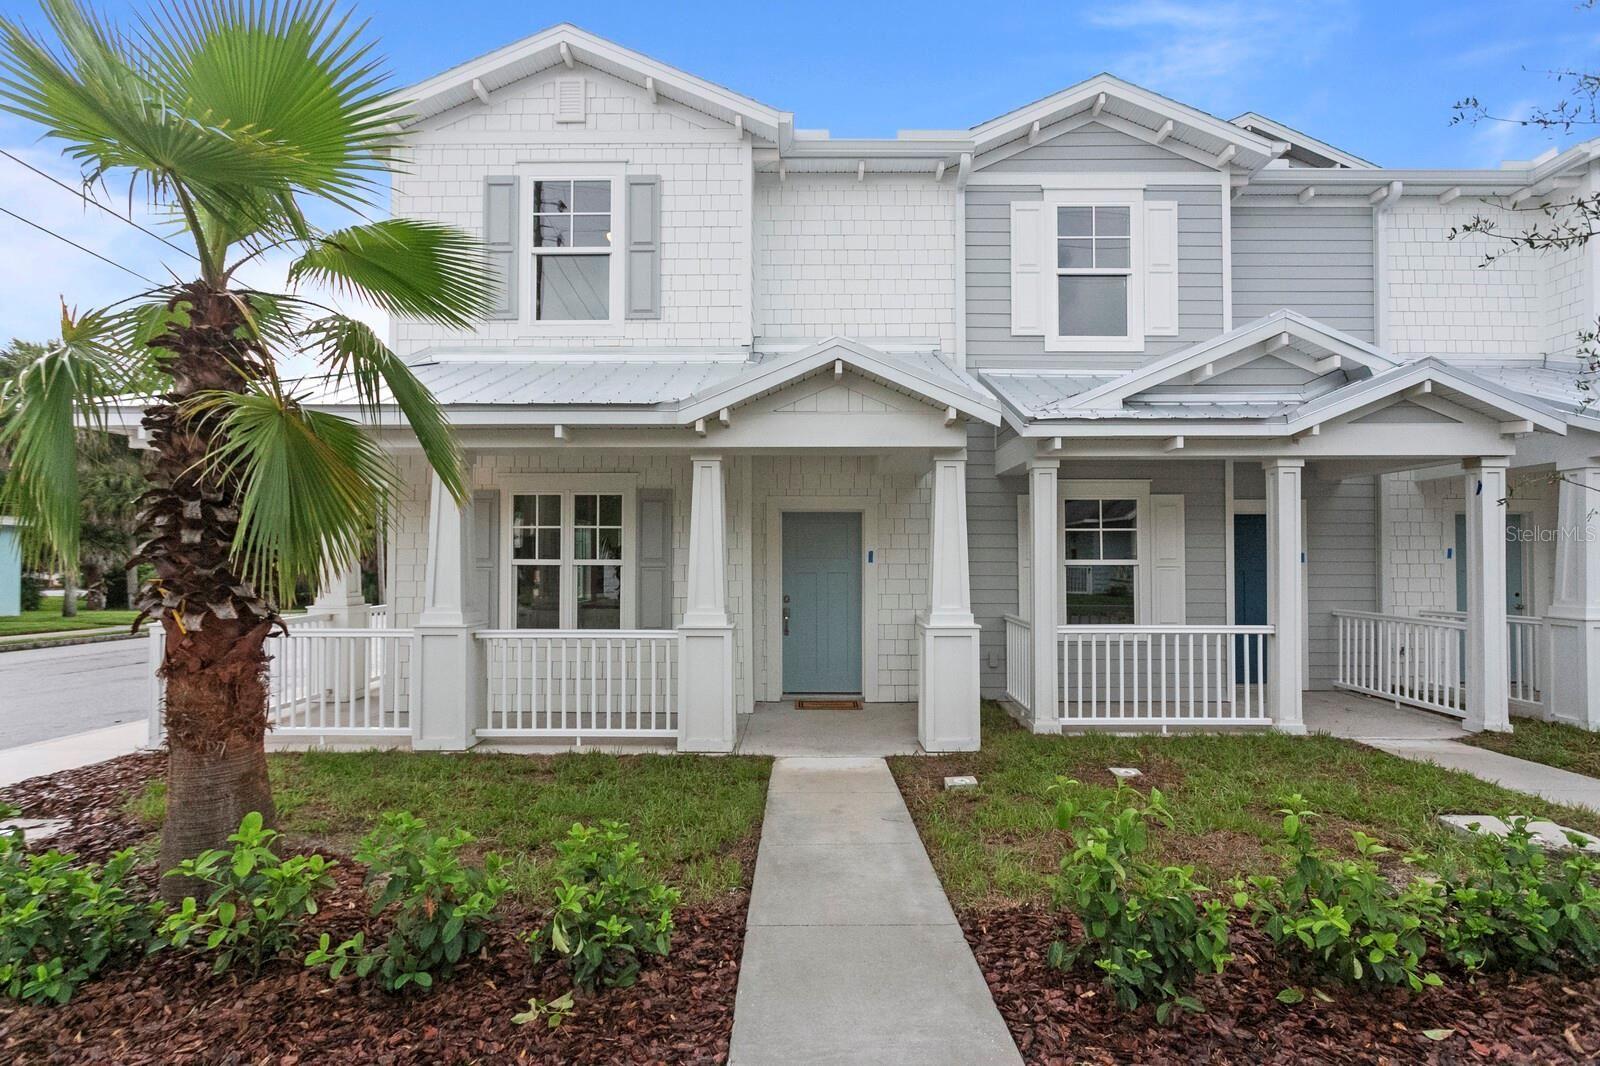 131 N RING AVENUE, Tarpon Springs, FL 34689 - MLS#: U8119303